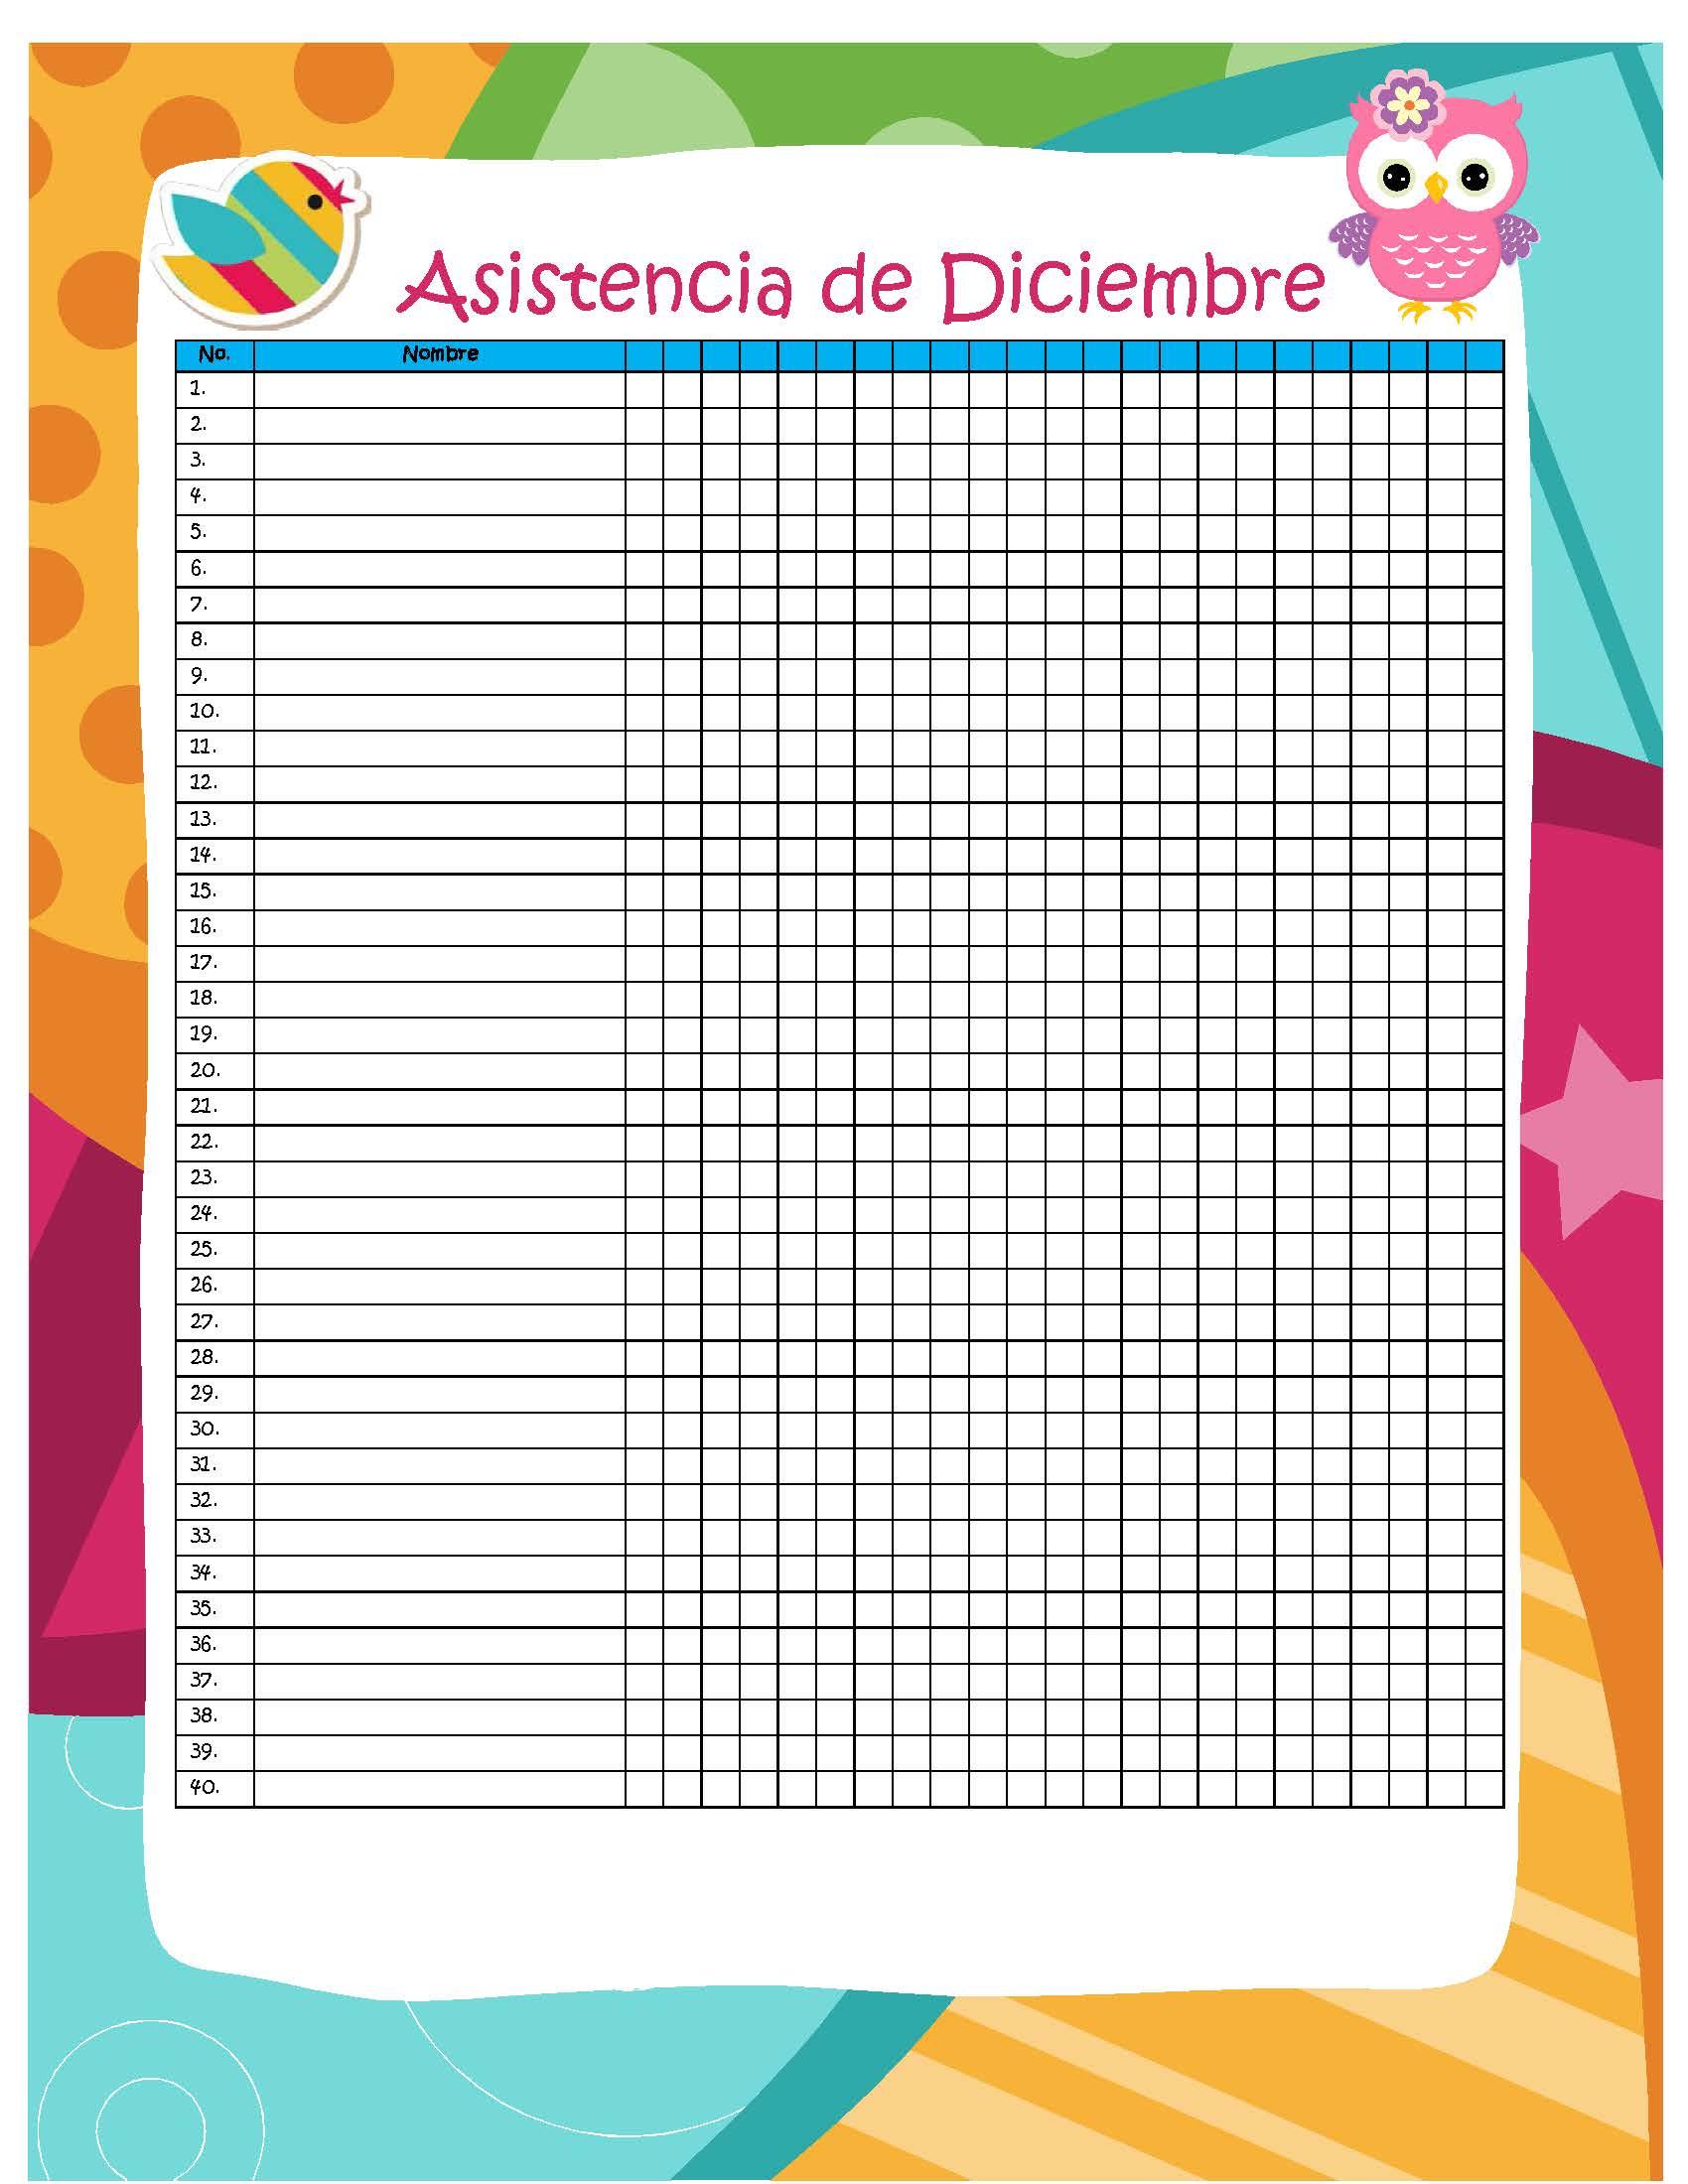 formato lista de asistencia